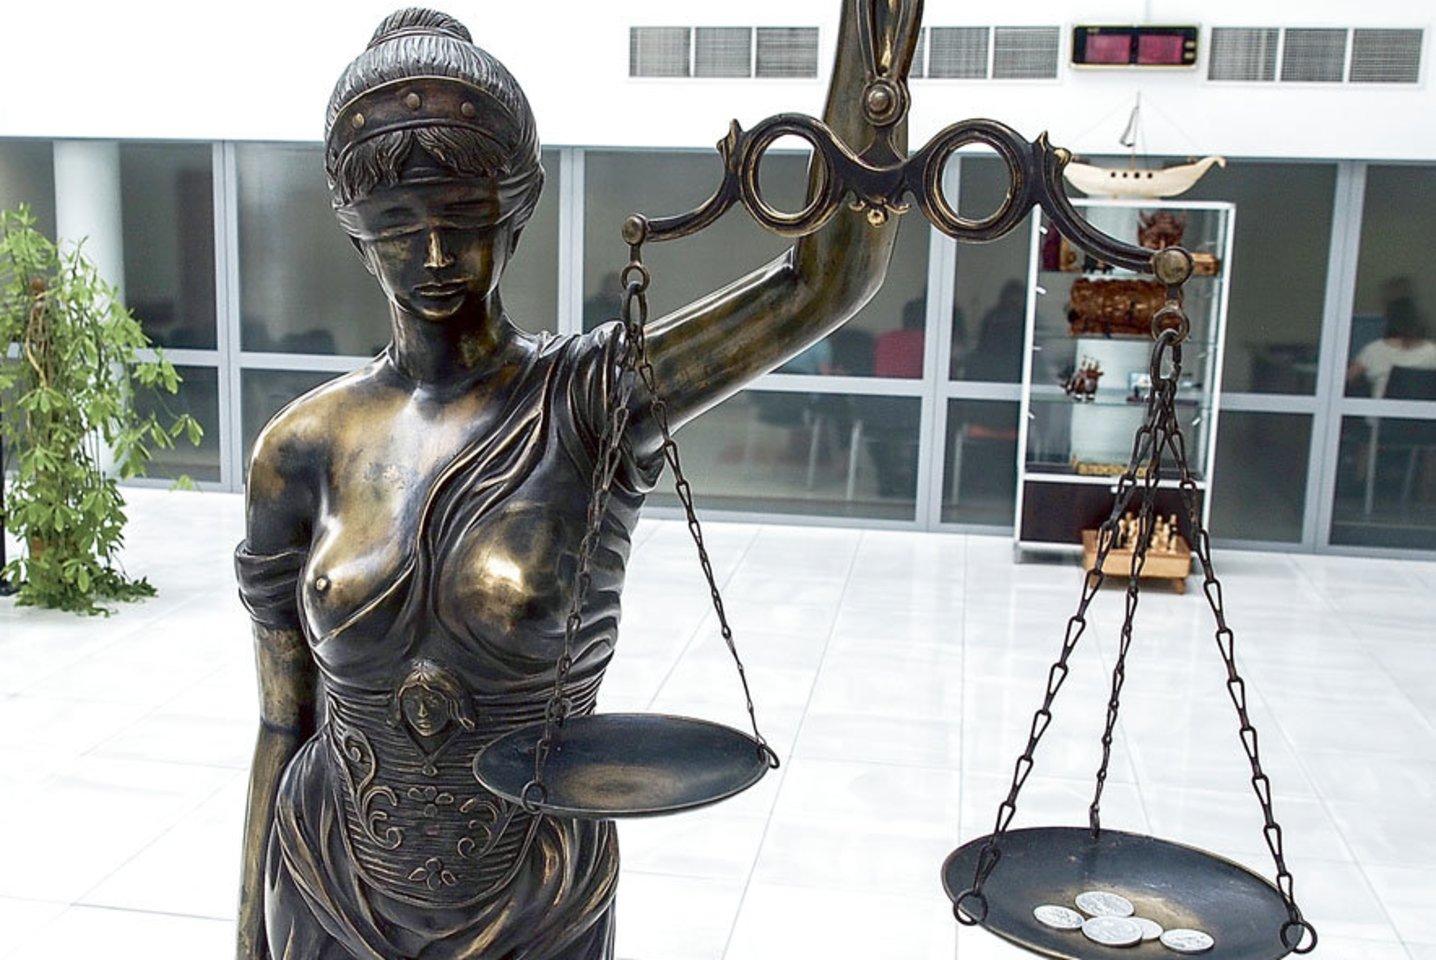 Teismams būna dažnai sunku atskirti kur verslo santykiai, kur nusikaltimas.<br>V.Ščiavinsko nuotr.